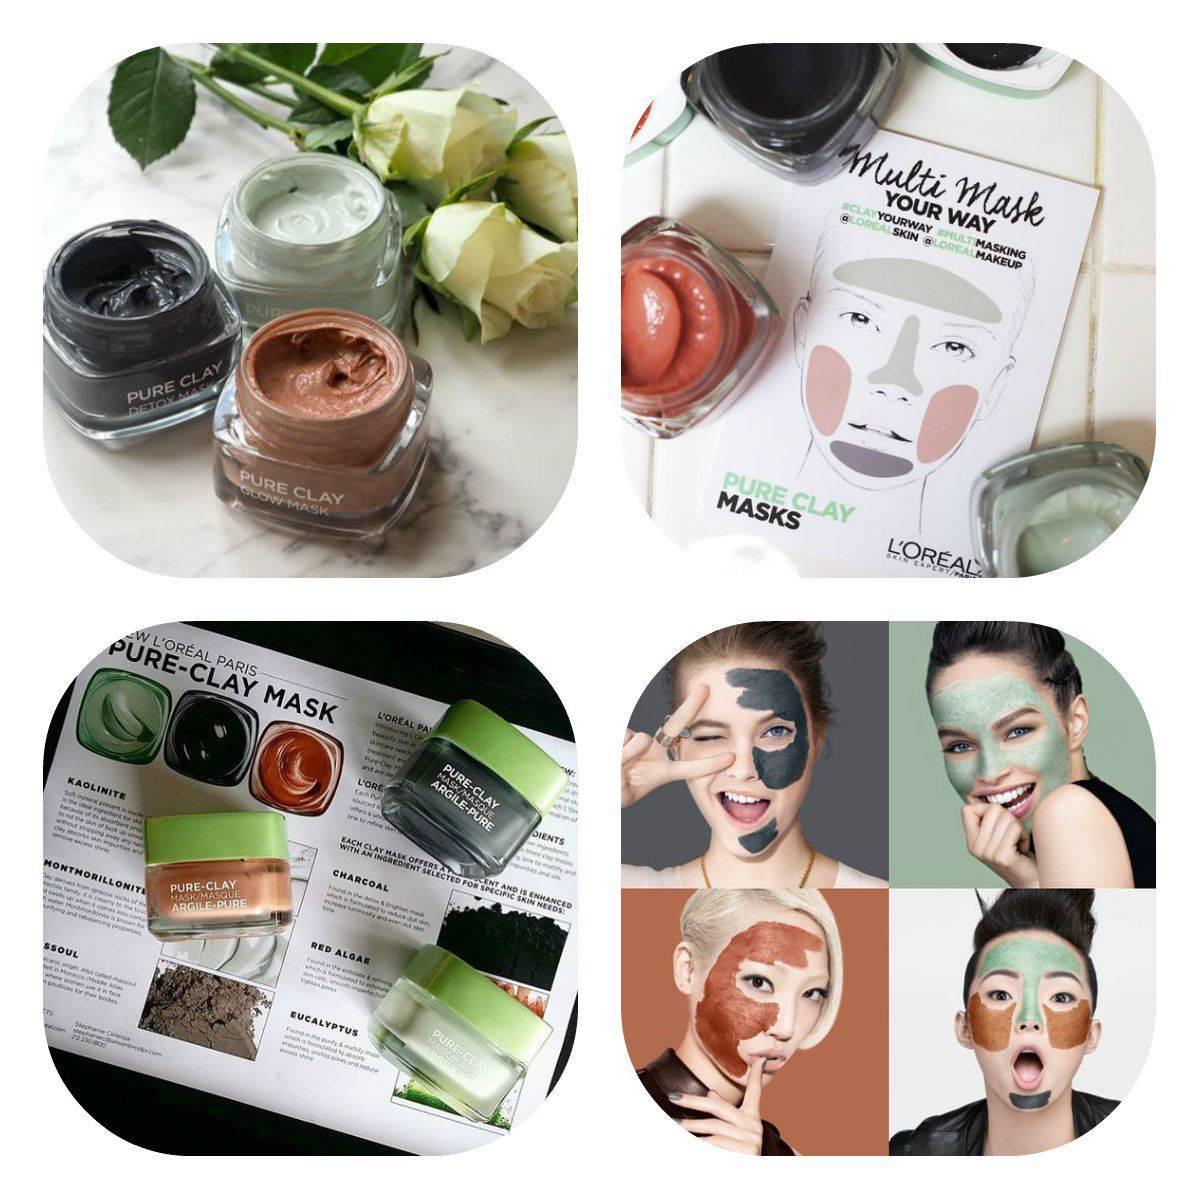 L'Oreal Pure-Clay Detox & Brighten Mask Dəriyə parıltı verən maska